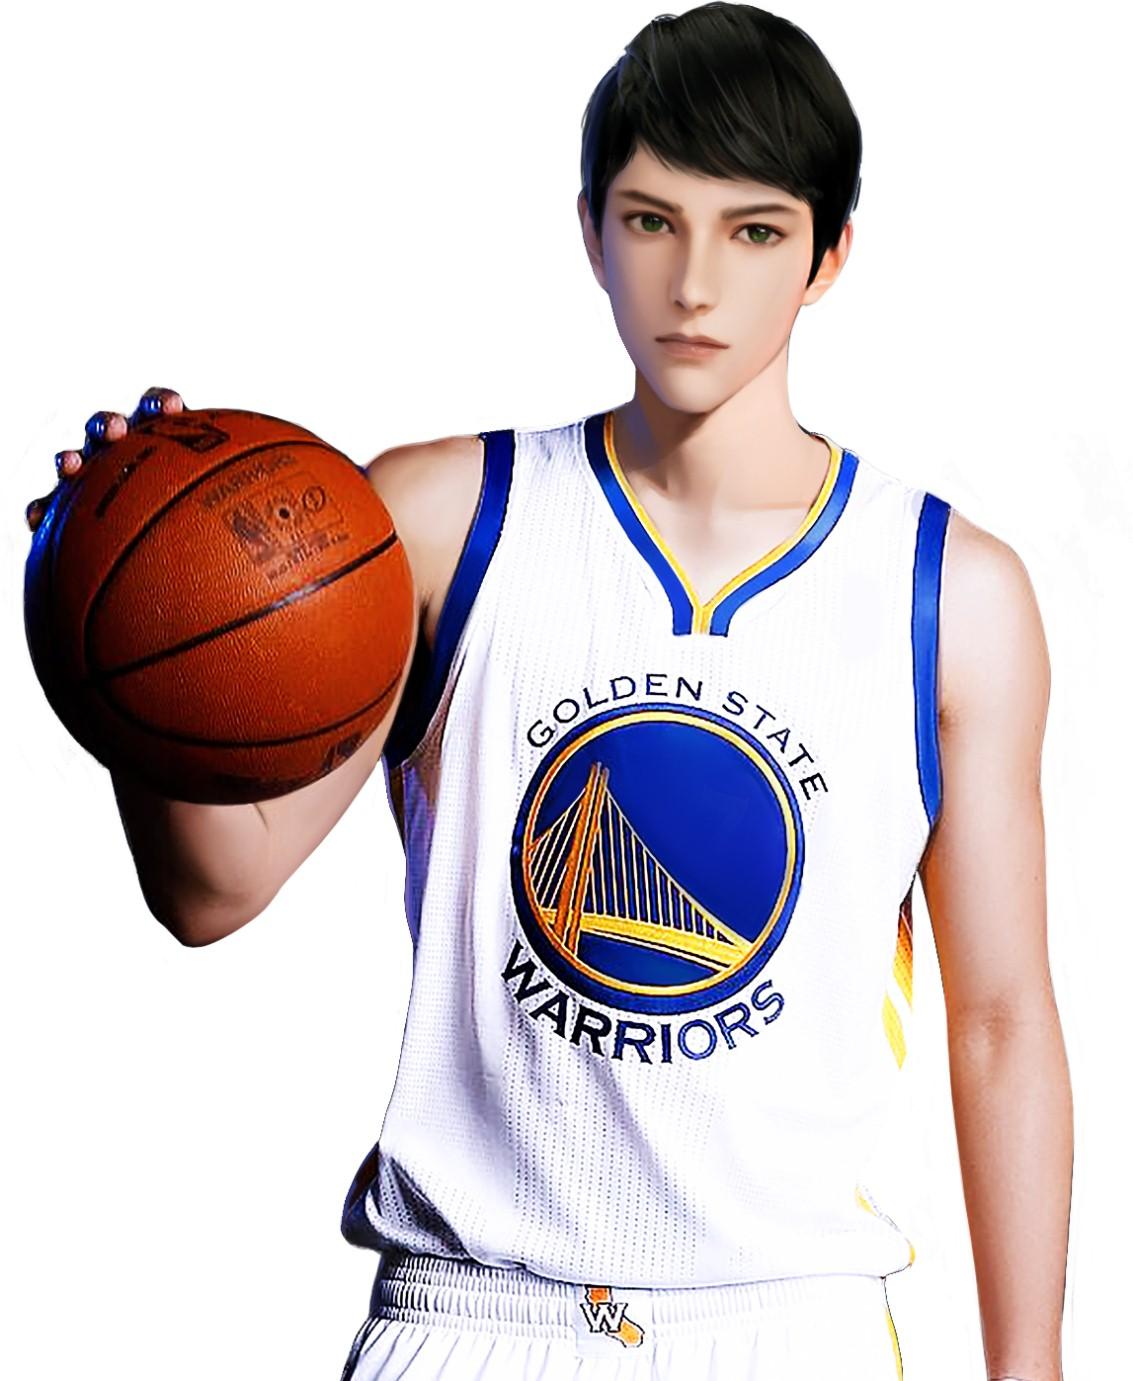 繼吳亦凡、蔡徐坤后 虛擬偶像BUT組合成體壇NBA新星